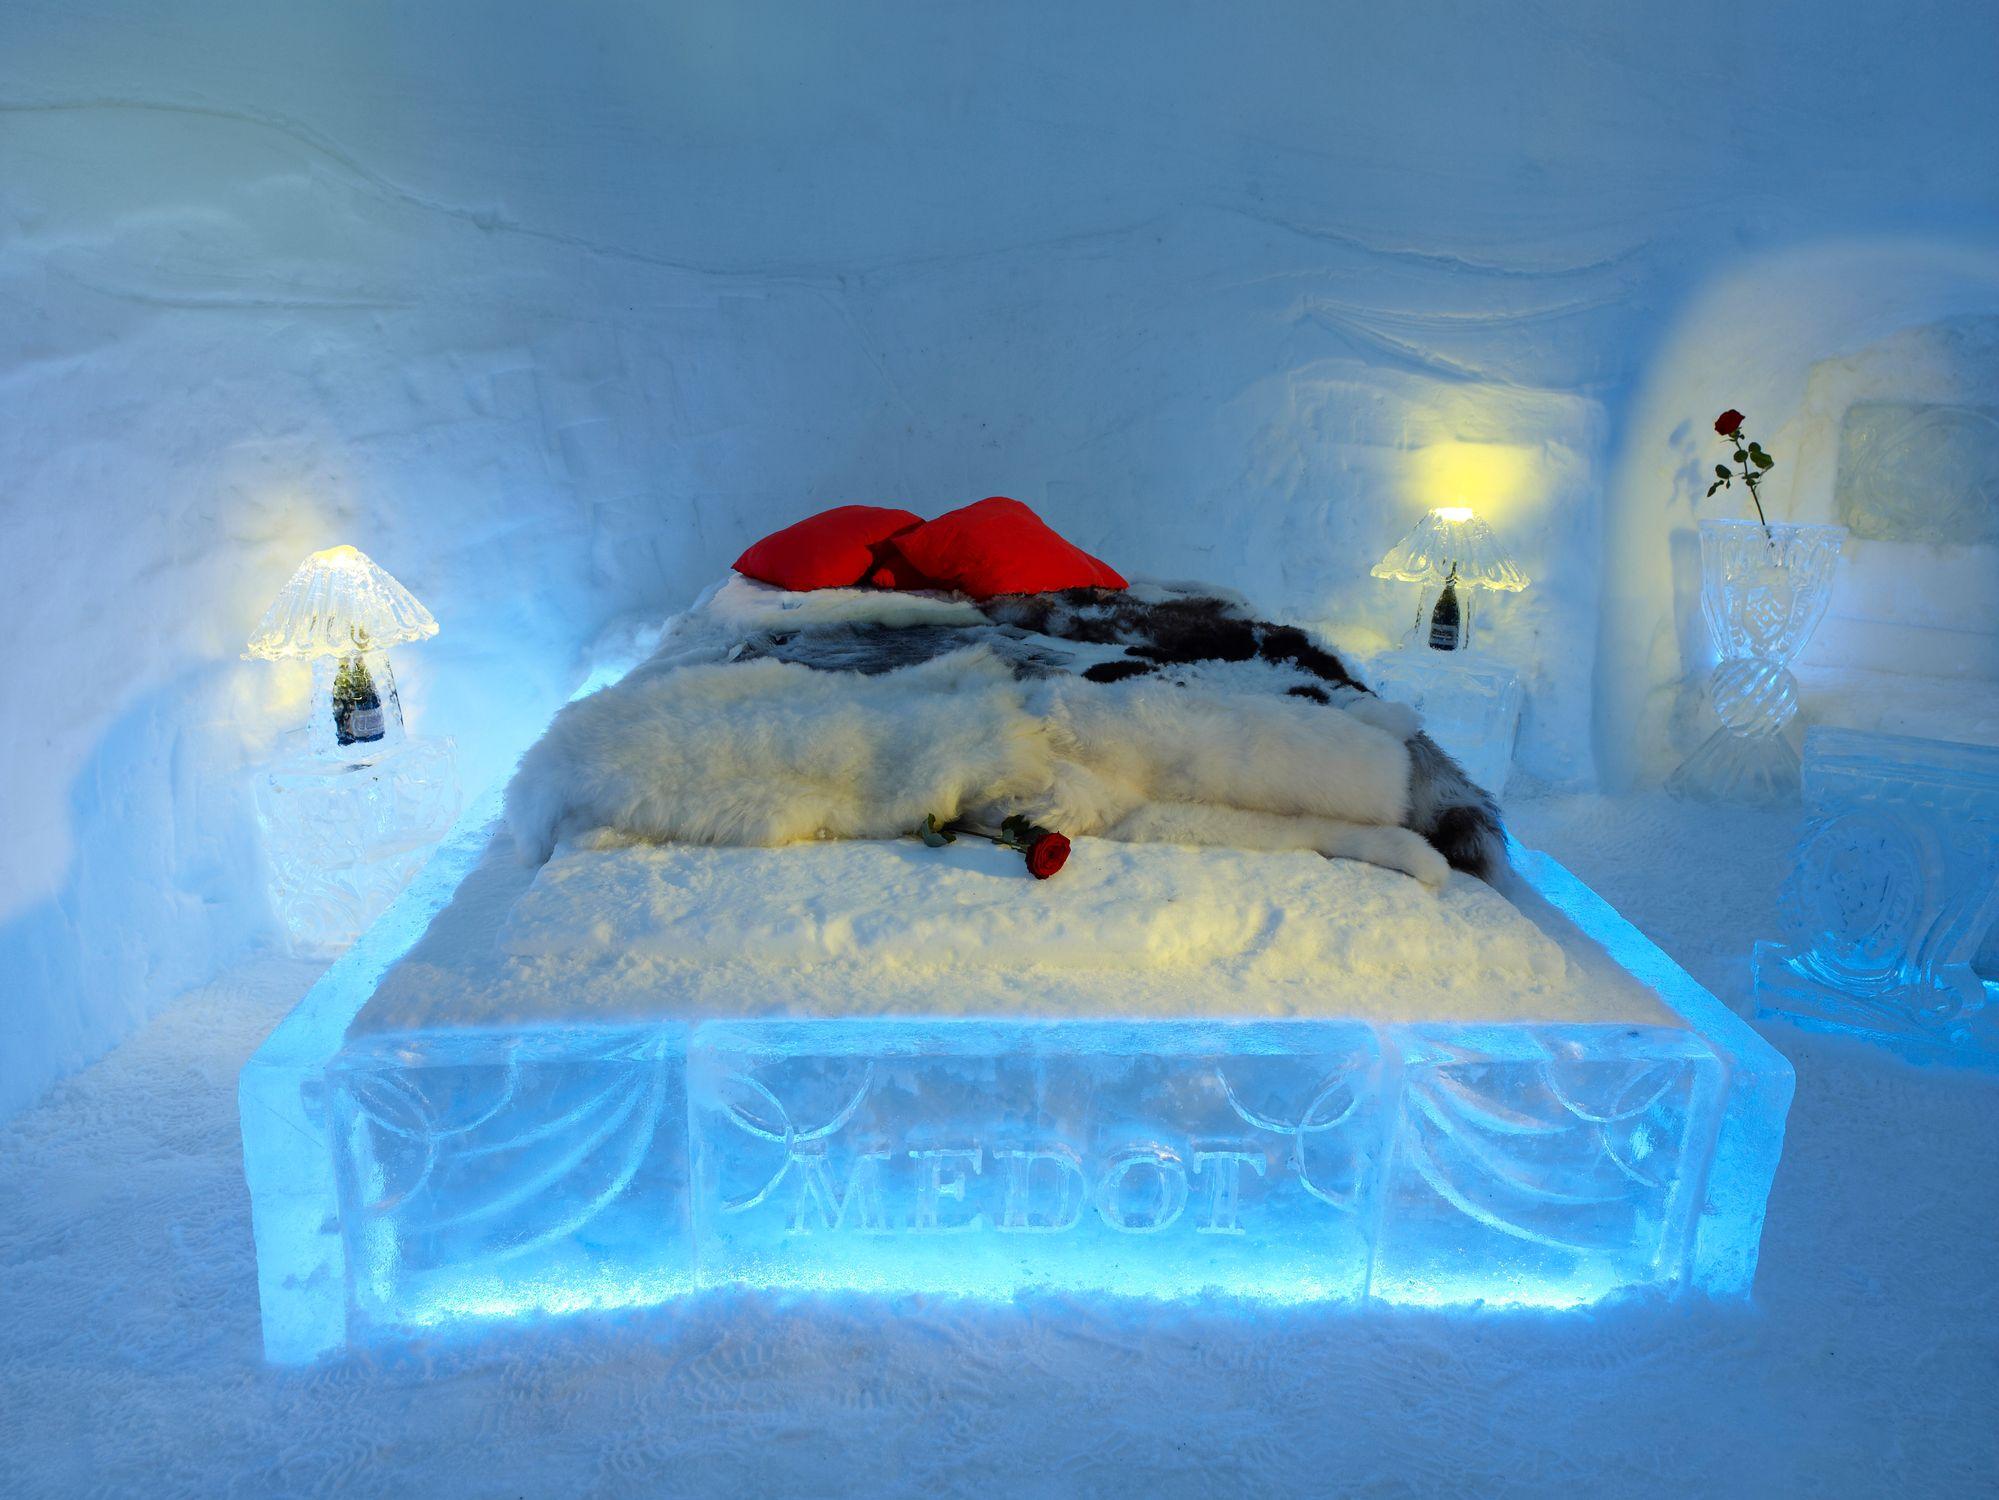 Eskimo Village Slovenia romantic igloo @ Eskimo Village